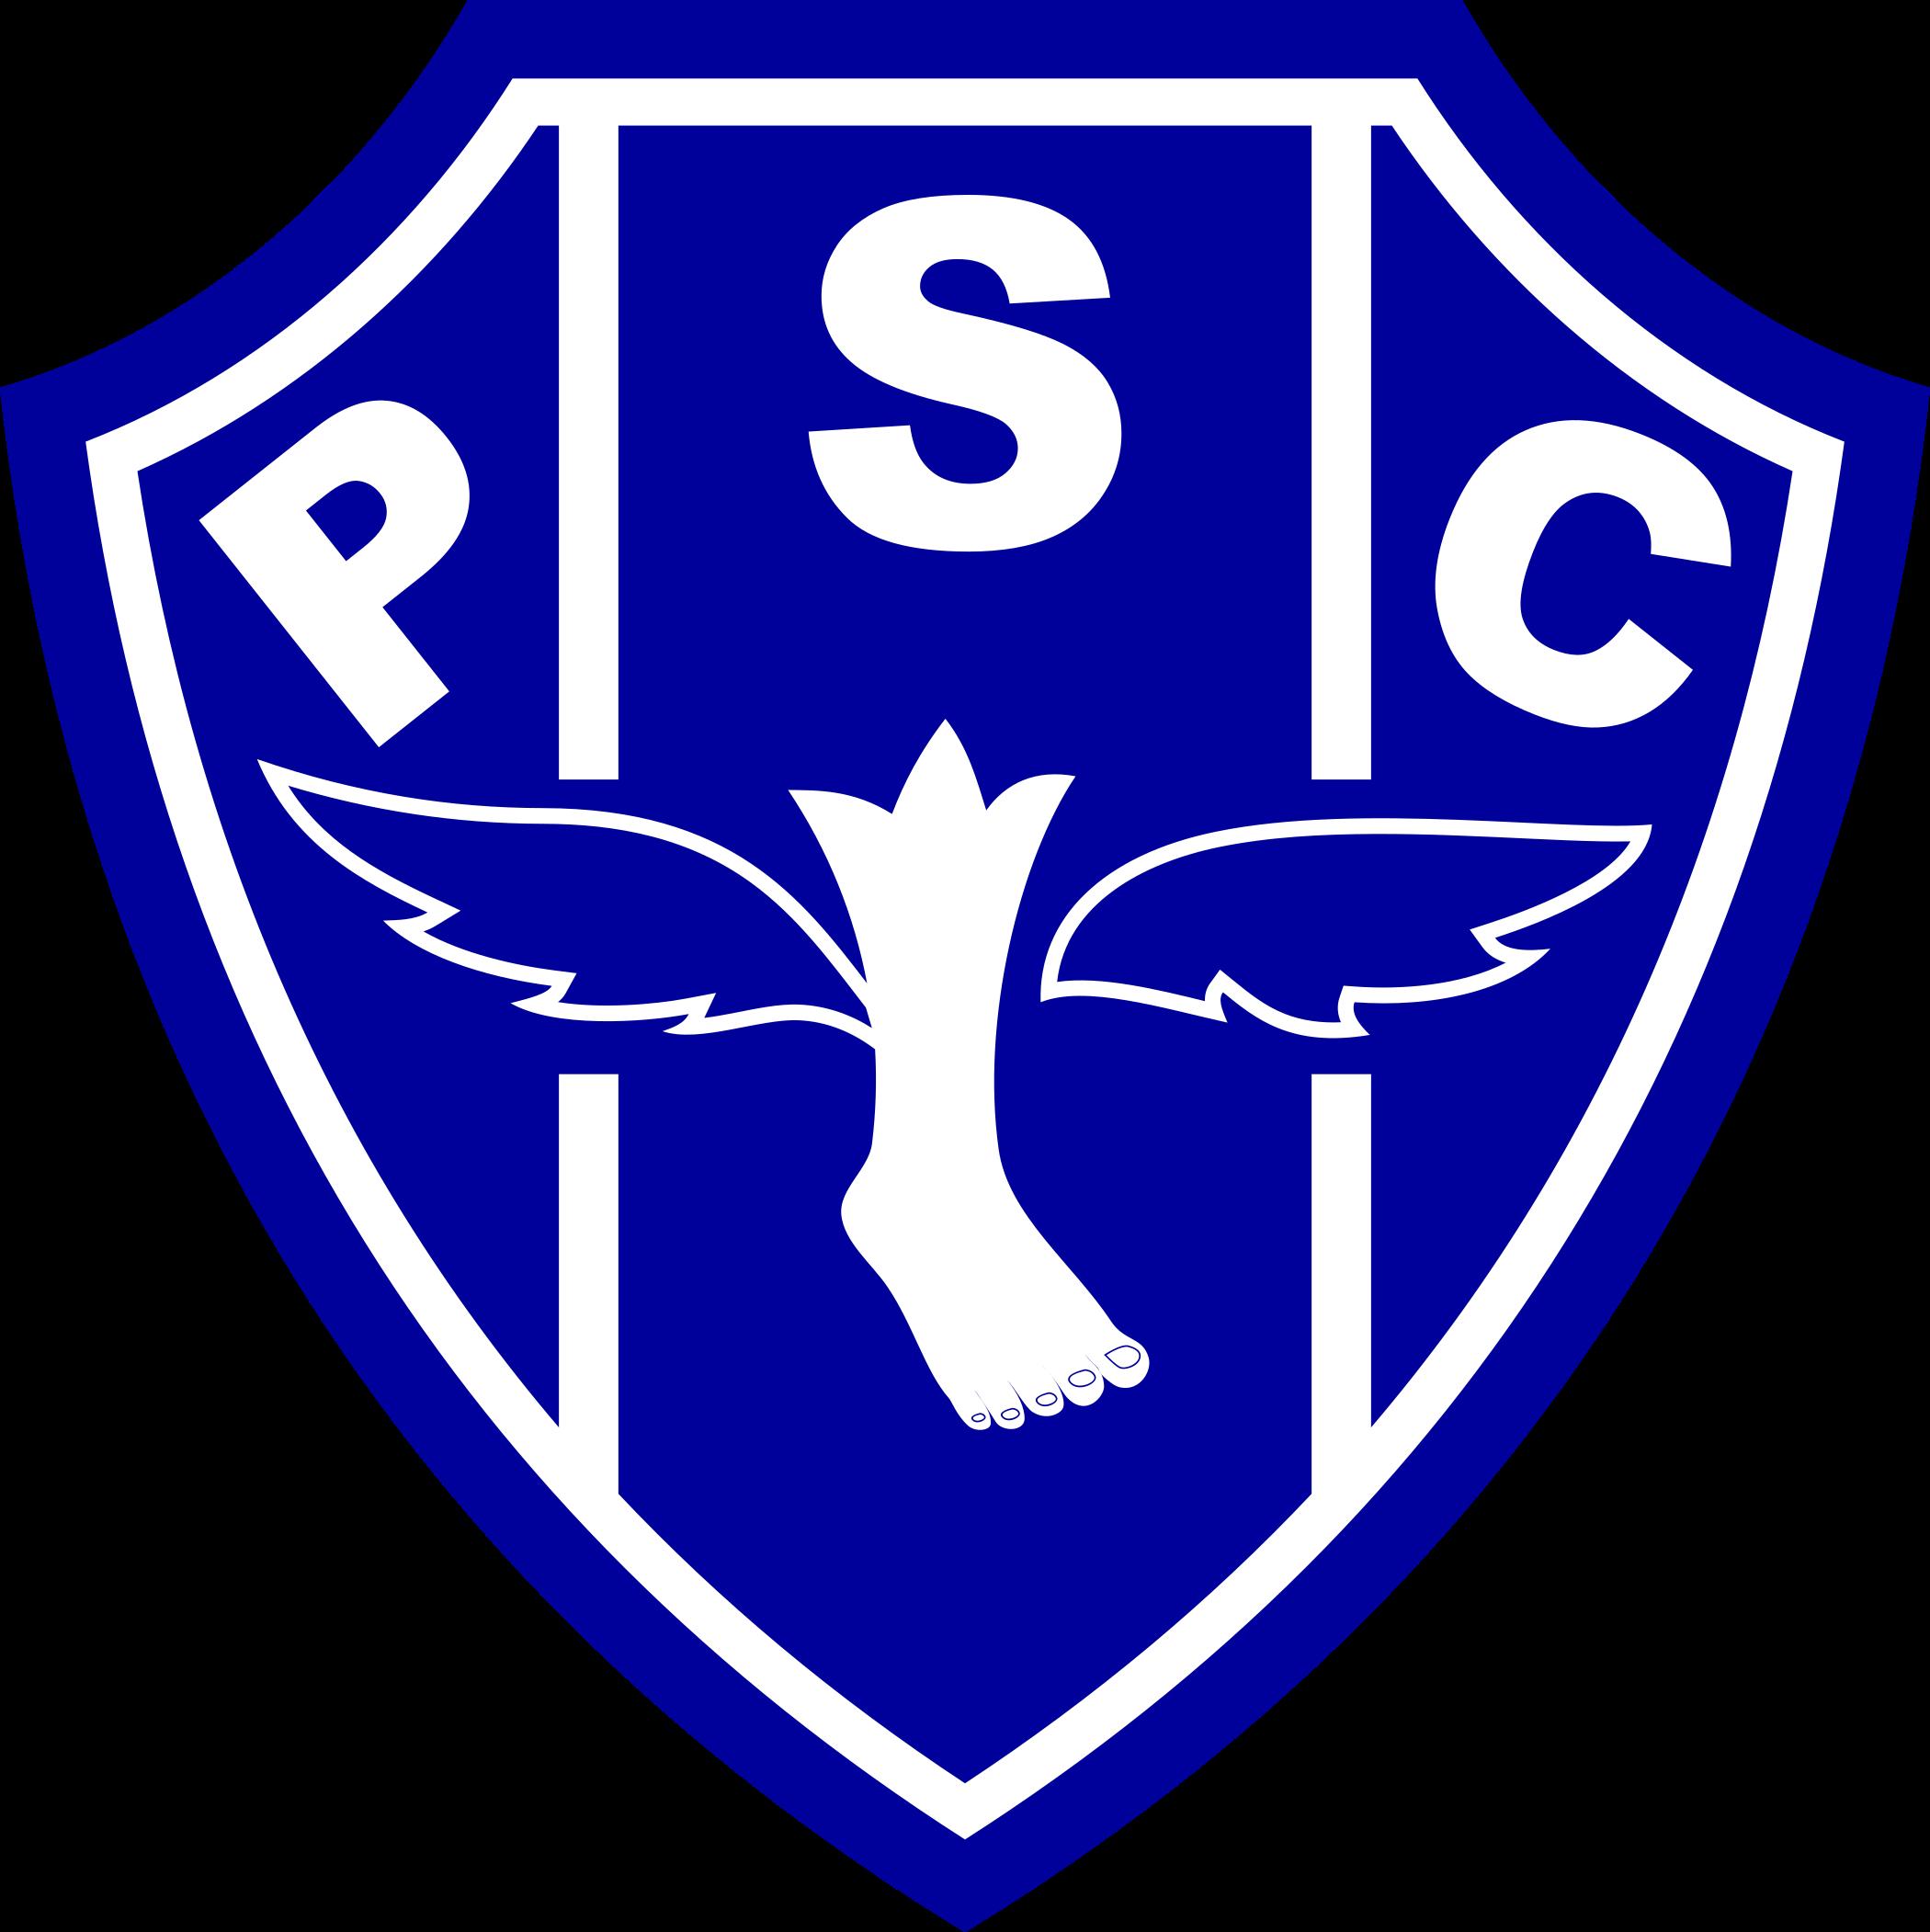 paysandu logo escudo 2 - Paysandu Logo, Escudo - Paysandu Sport Club Logo e Escudo